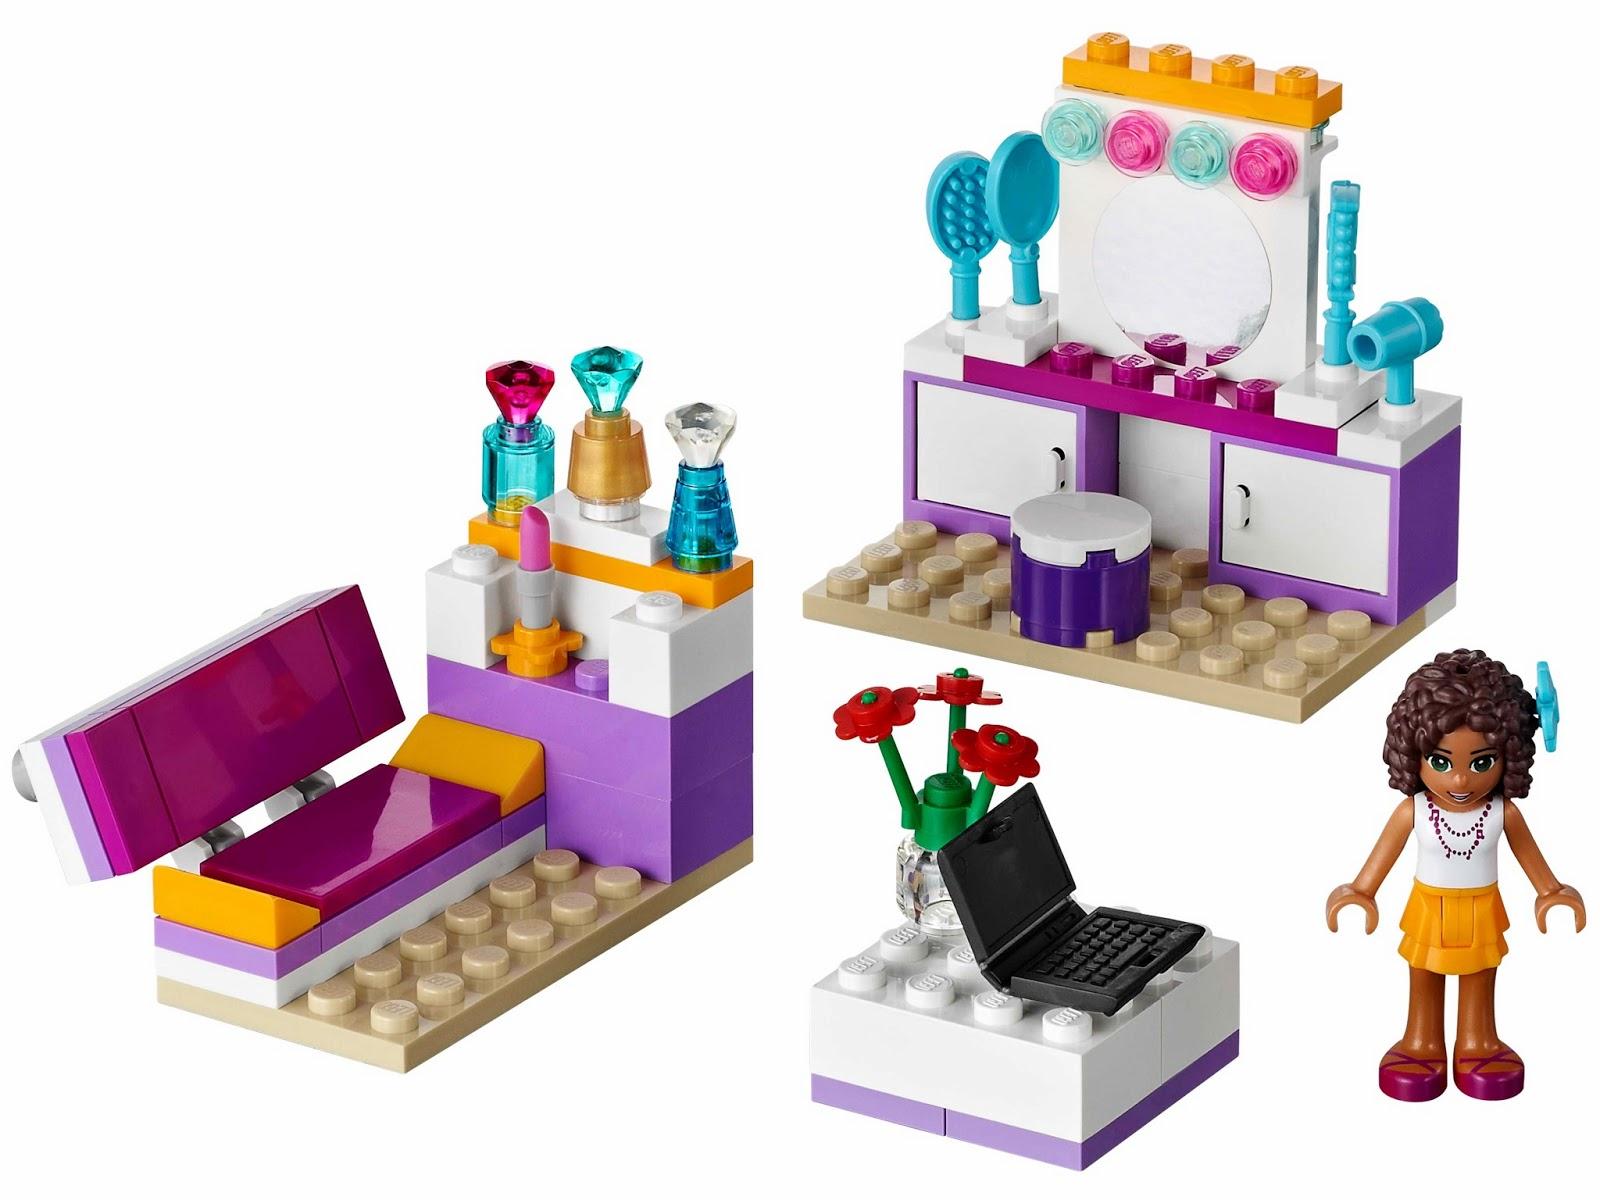 Brick Friends: LEGO 41009 Andrea's Bedroom